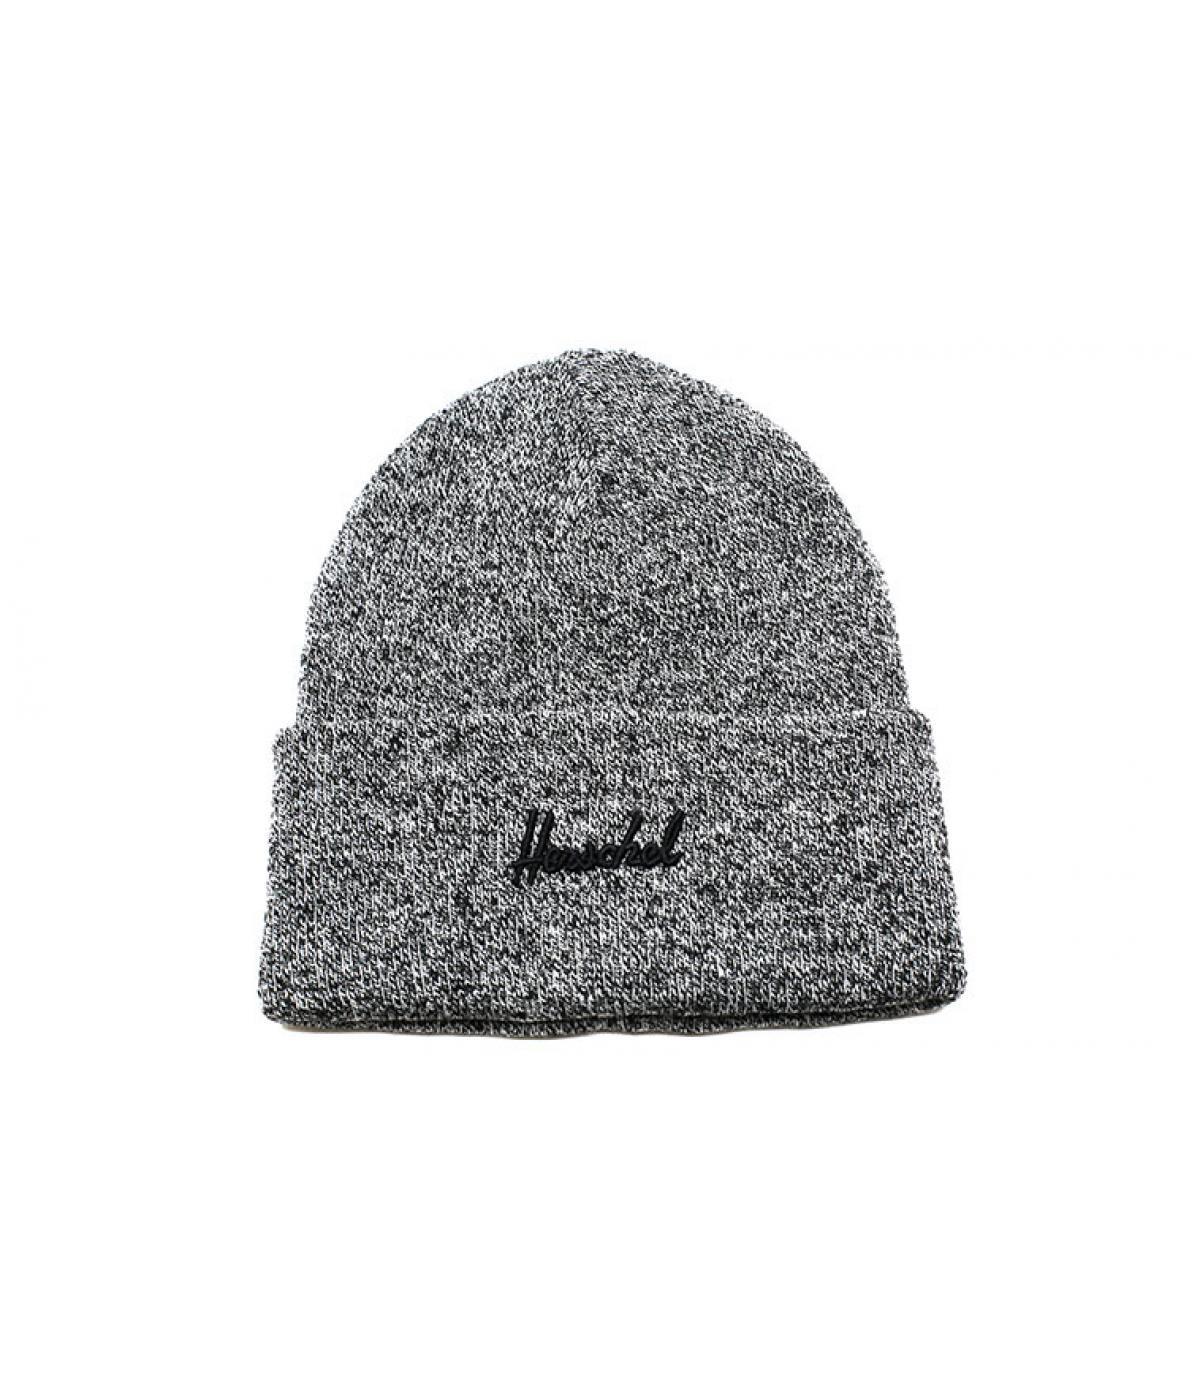 bonnet noir chiné Herschel